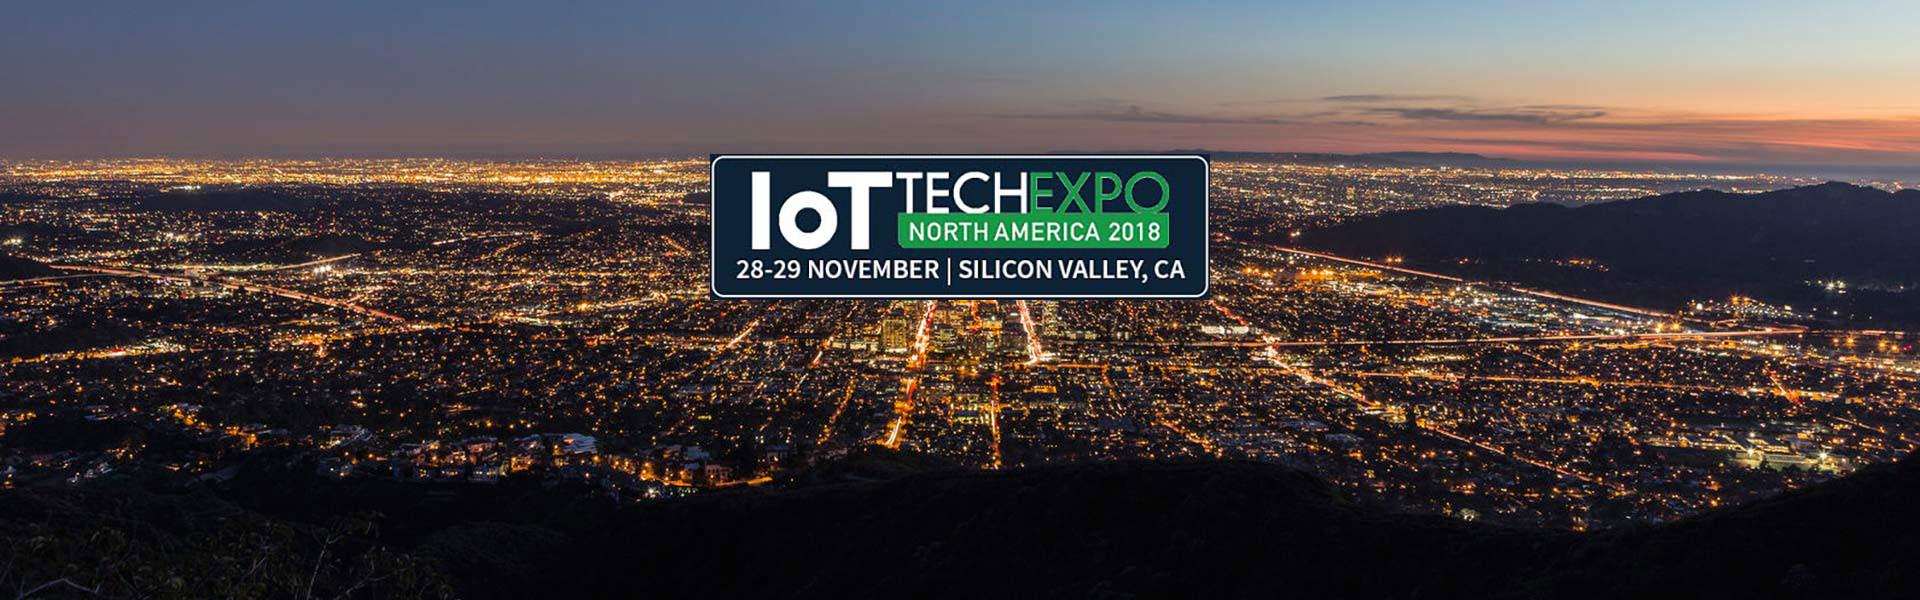 IoT Tech Expo event logo